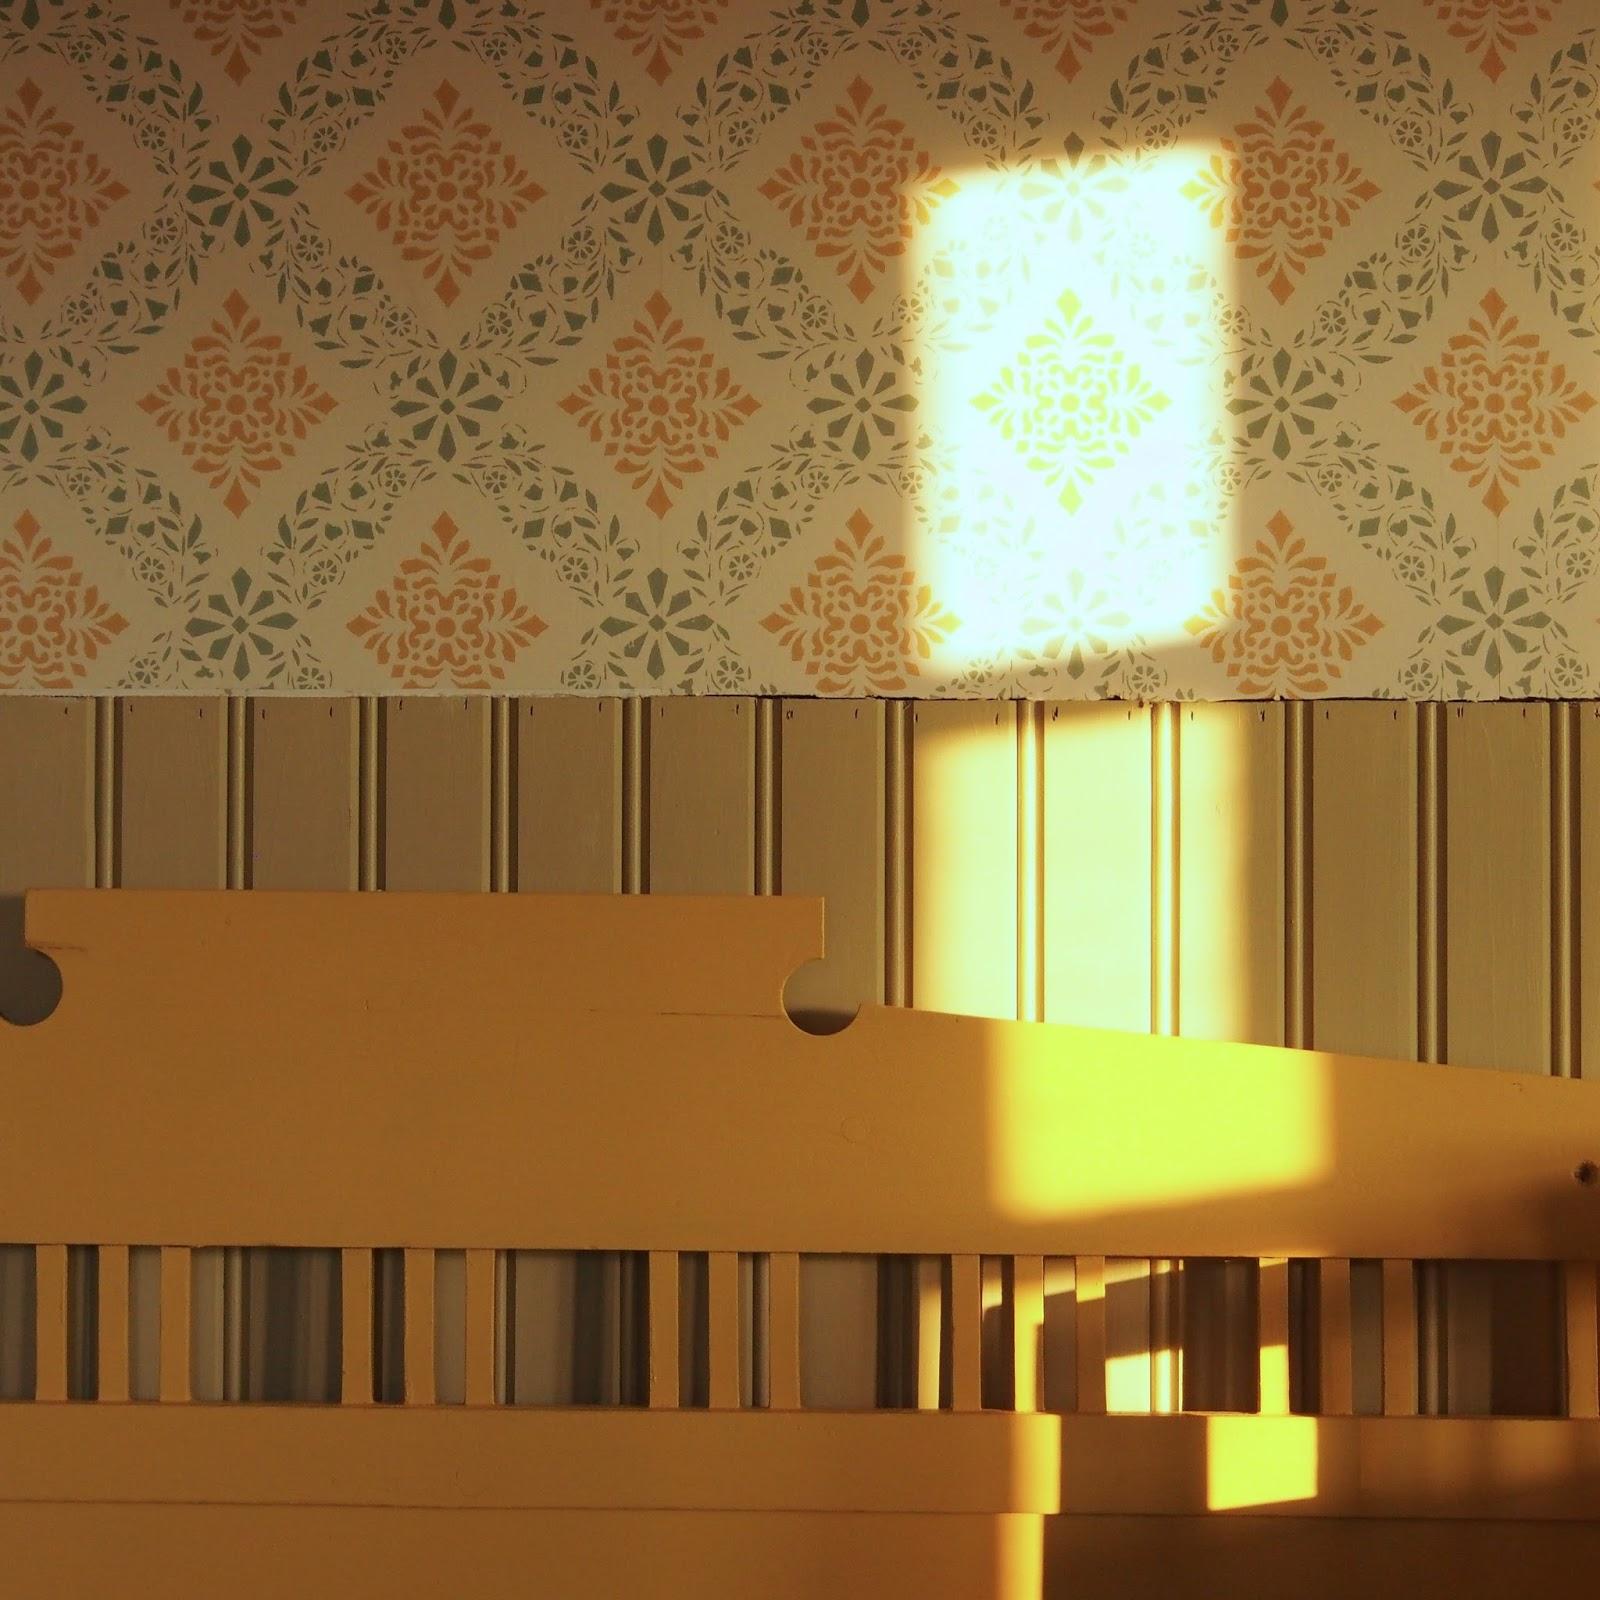 Pihasaunan pukuhuoneen sisustus. Mökkisaunan sisustus / ideoita / sisustusvinkkejä. Maalattu takka.